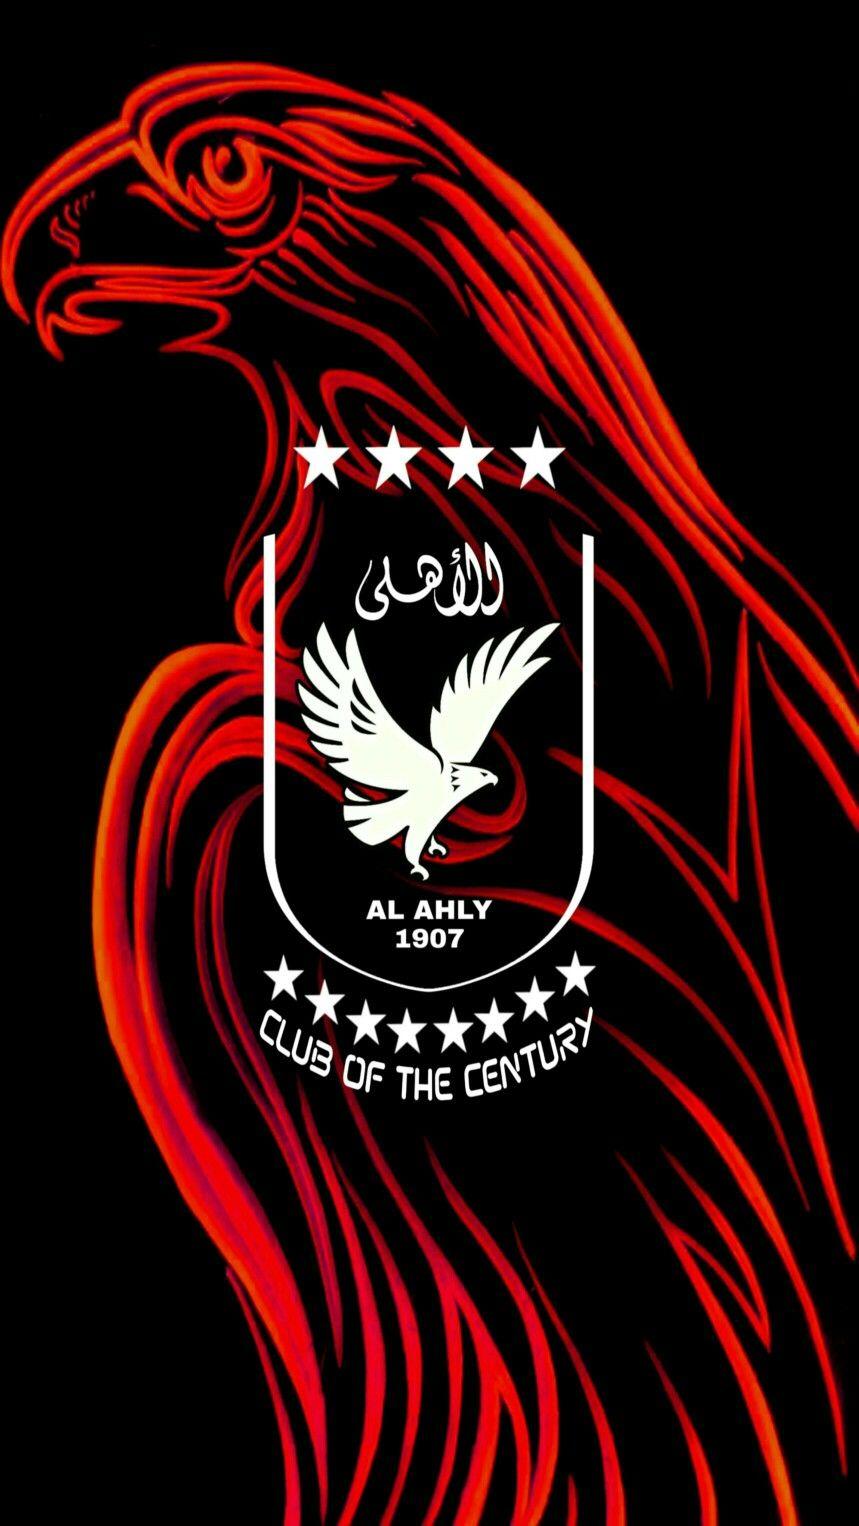 خلفيات الأهلى Apple logo wallpaper iphone, Al ahly sc